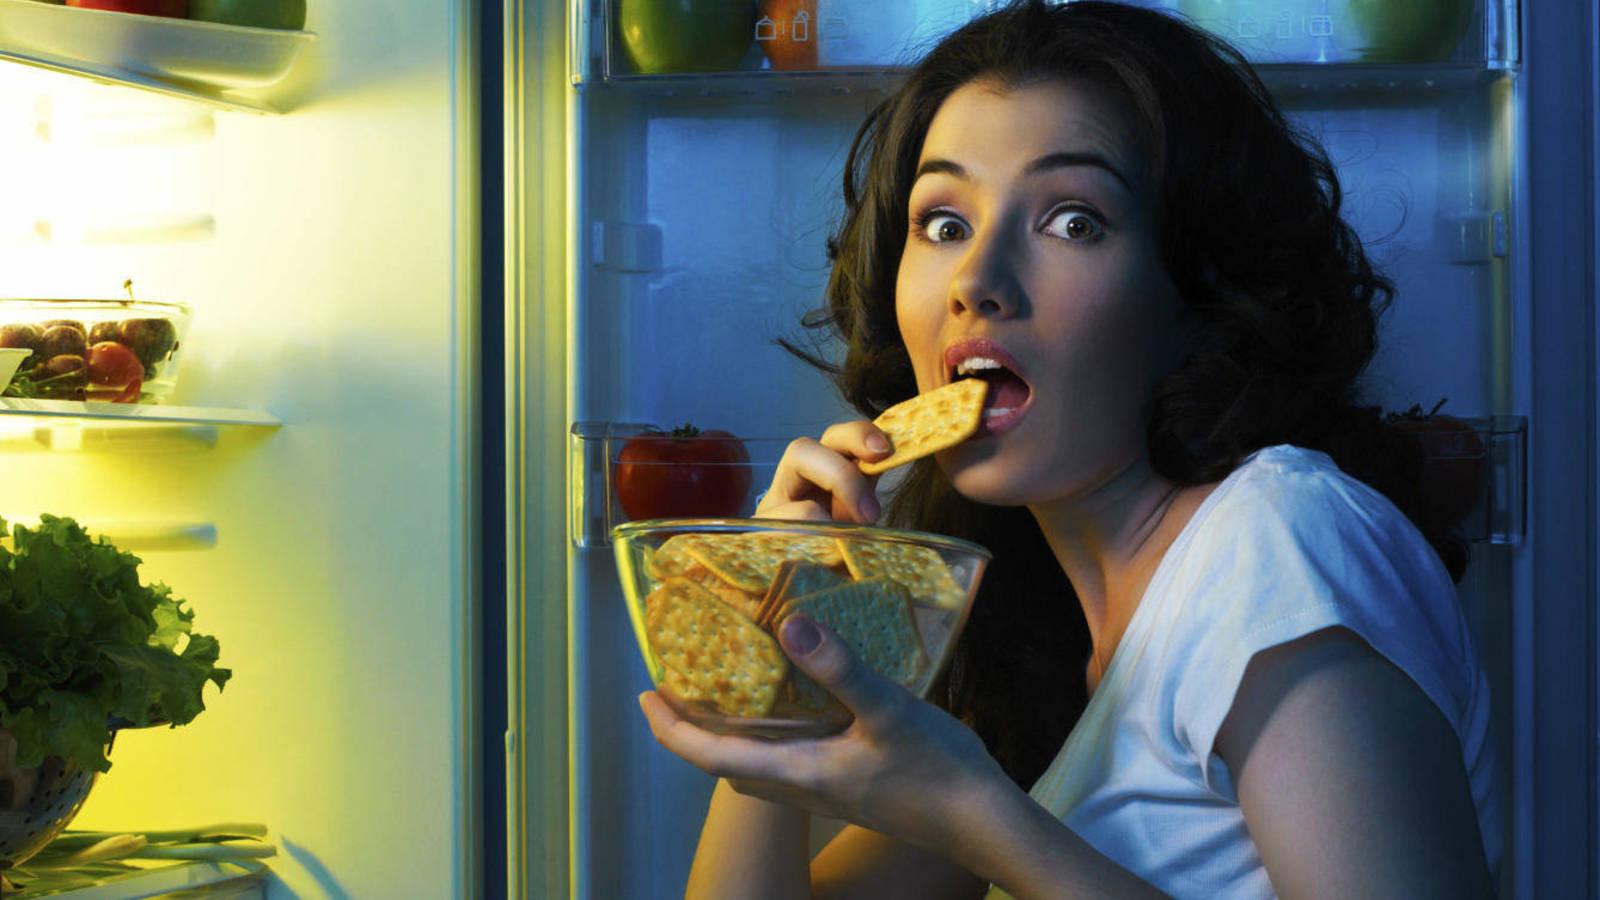 Όρεξη φαγητό: Τρως από πλήξη, γιατί συμβαίνει αυτό